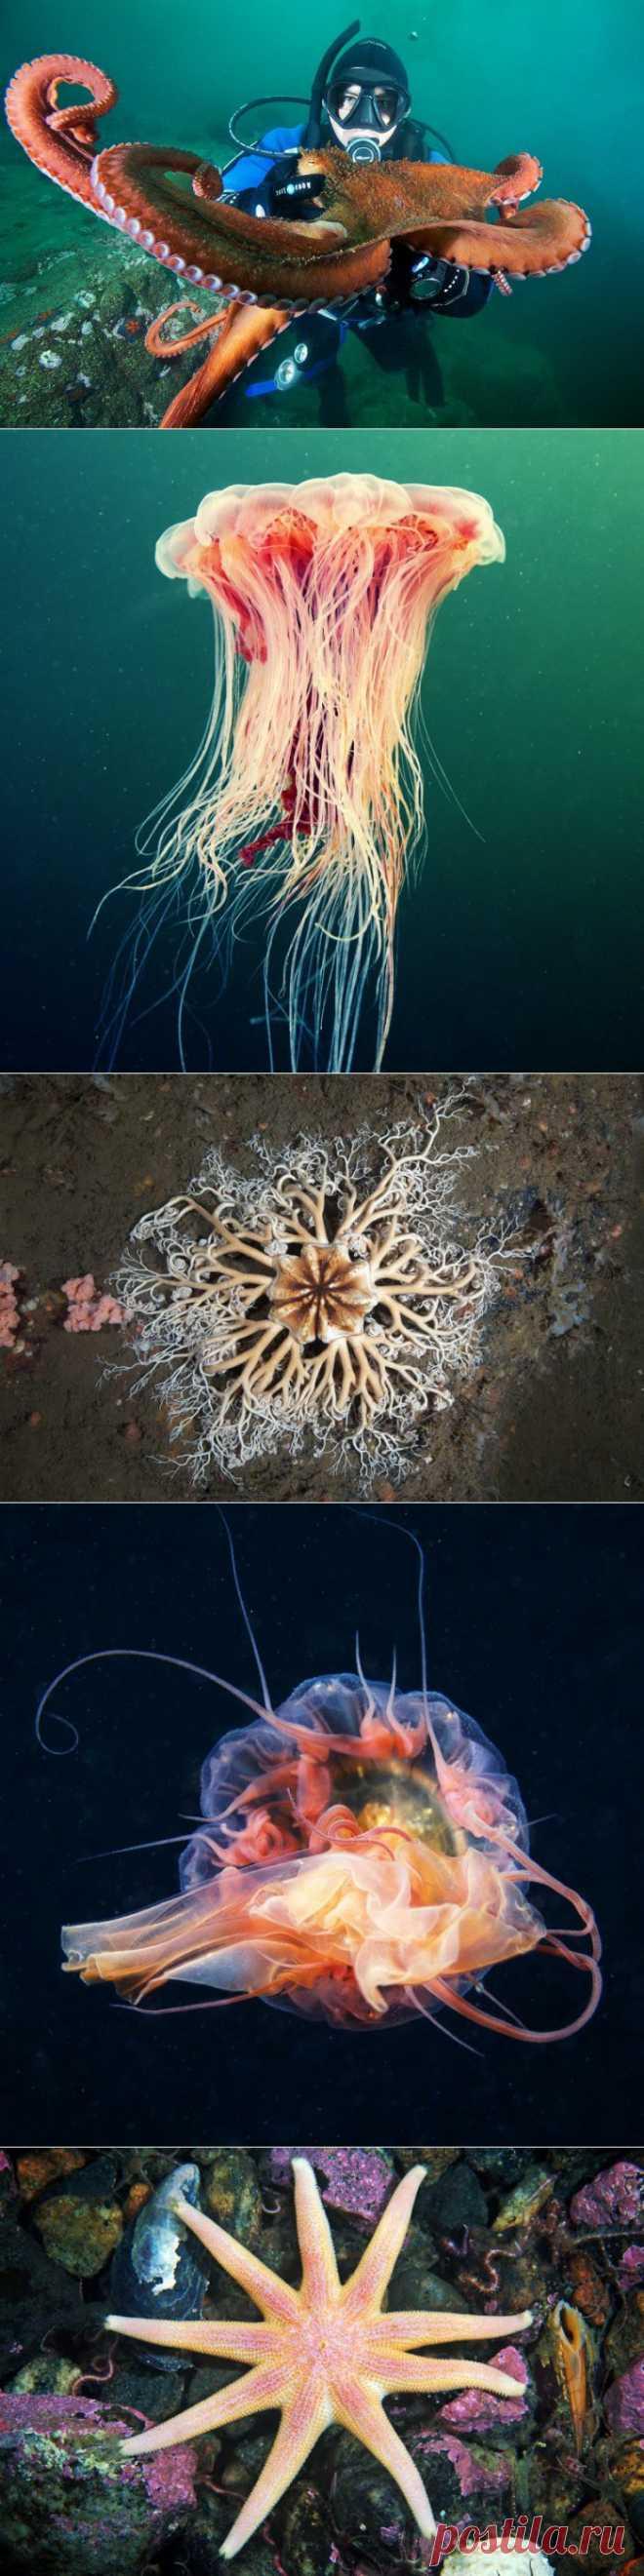 » 30 удивительных подводных фотографий Александра Семенова Это интересно!